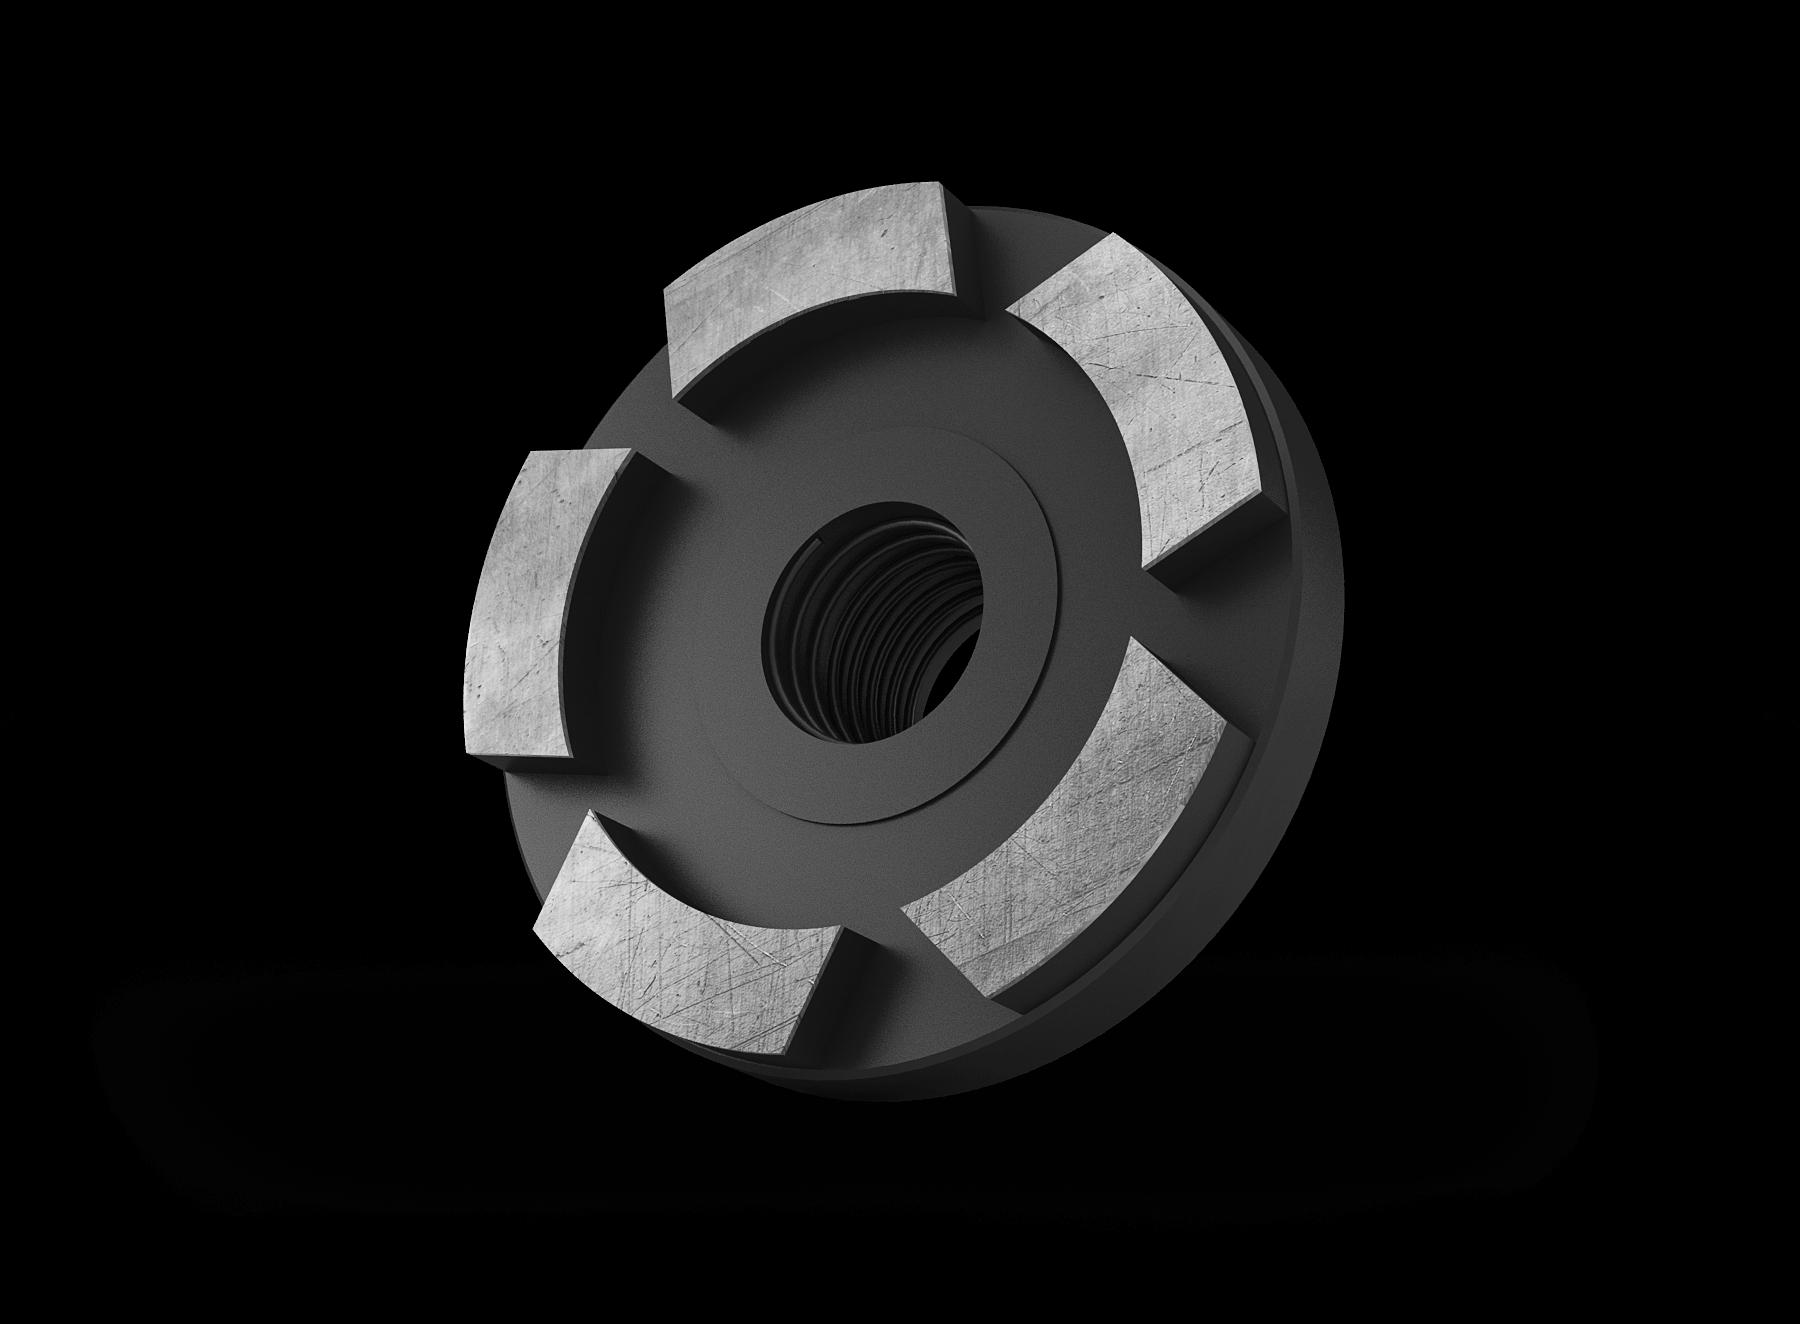 Komschijf 50mm zwart (scalper)